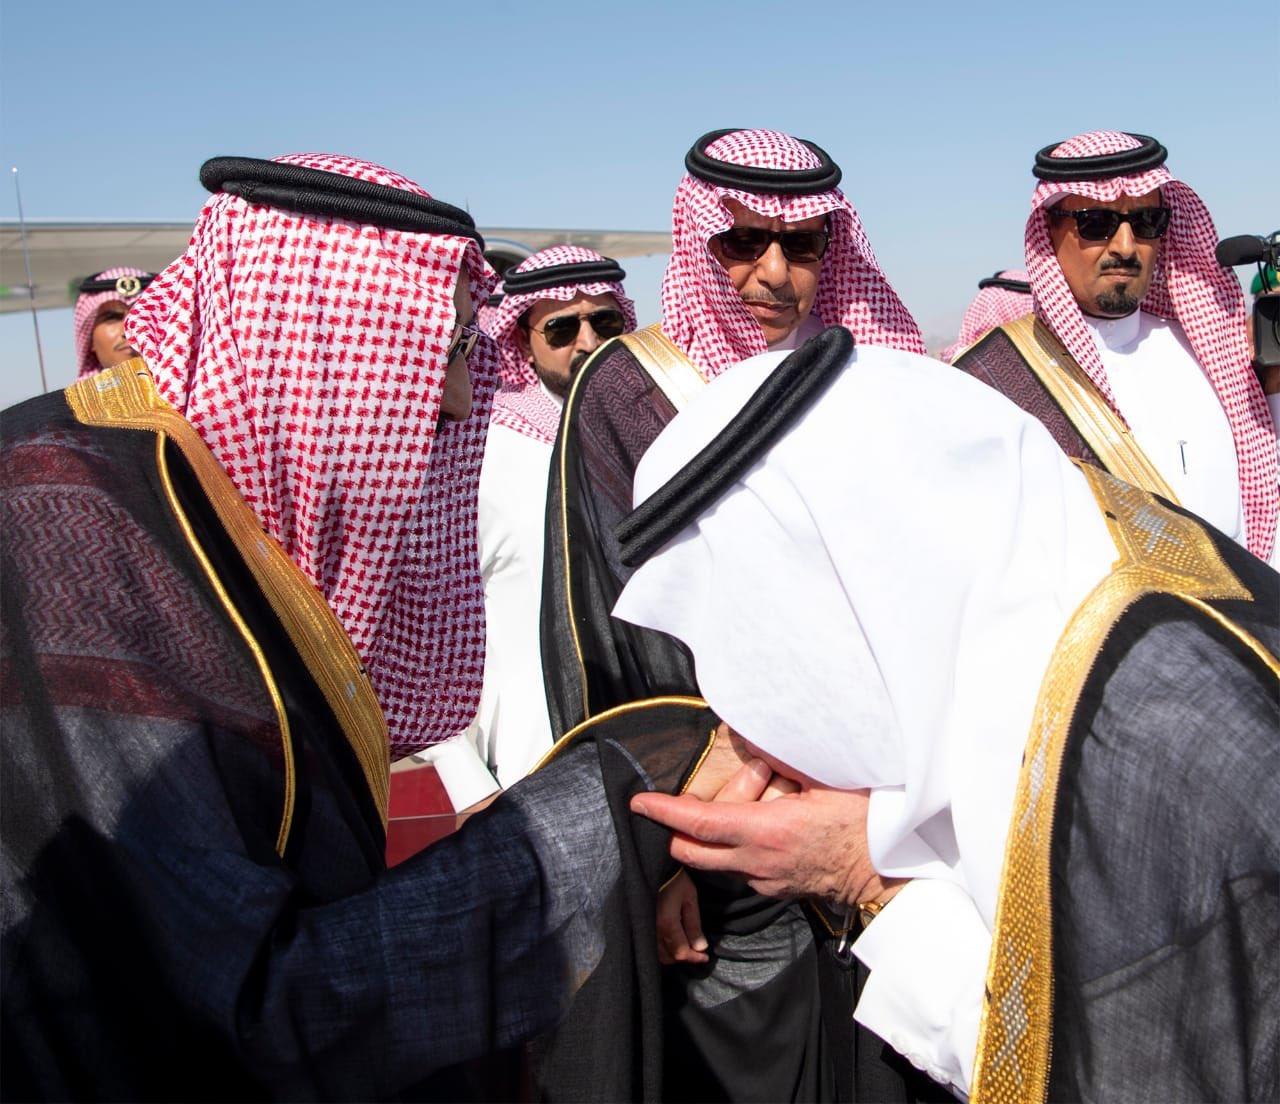 صور الملك سلمان يصل إلى نيوم معلومات مباشر